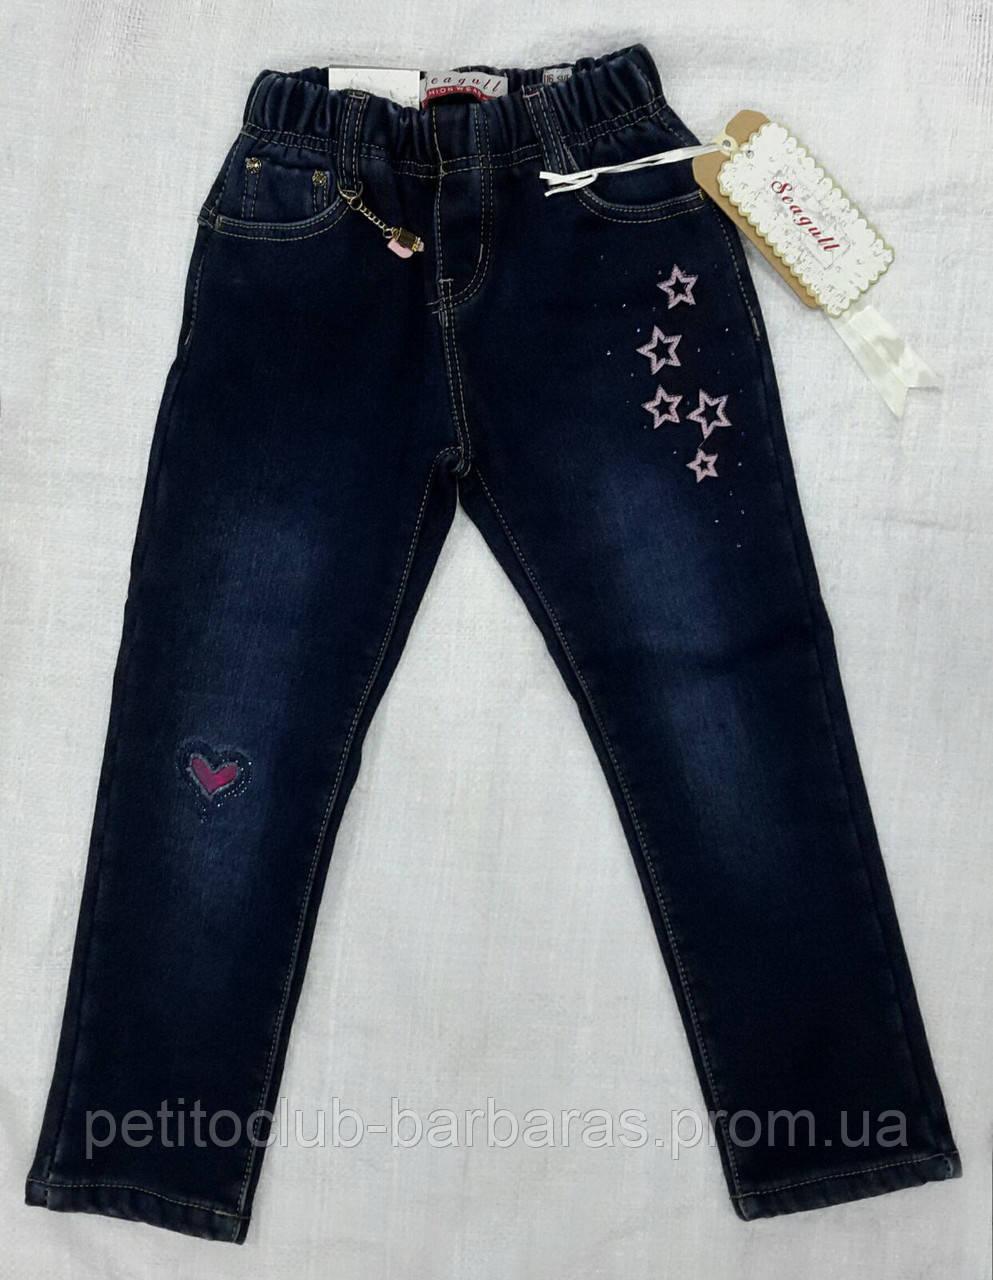 Детские джинсы с флисом для девочки темно-синие (р.110 см) (Seagull, Венгрия)